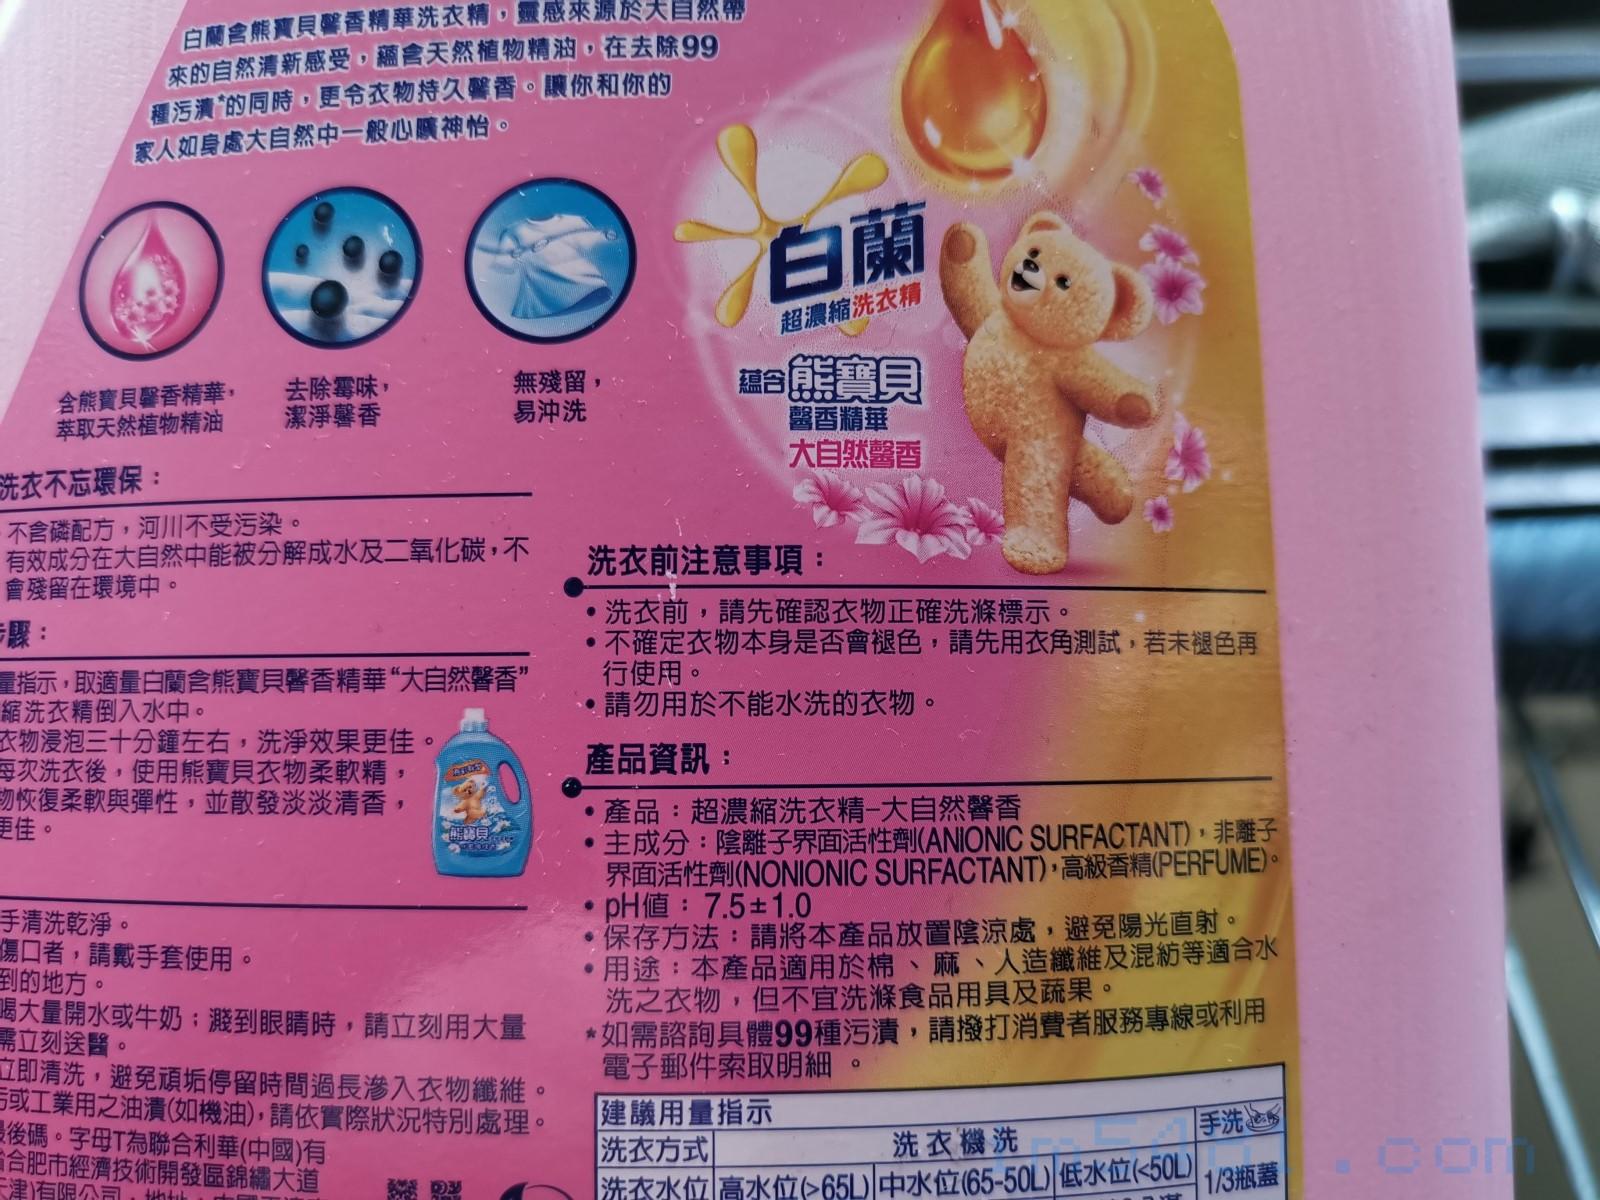 白蘭超濃縮熊寶貝洗衣精-內含衣物柔軟效果,其主要是靠非離子界面活性劑